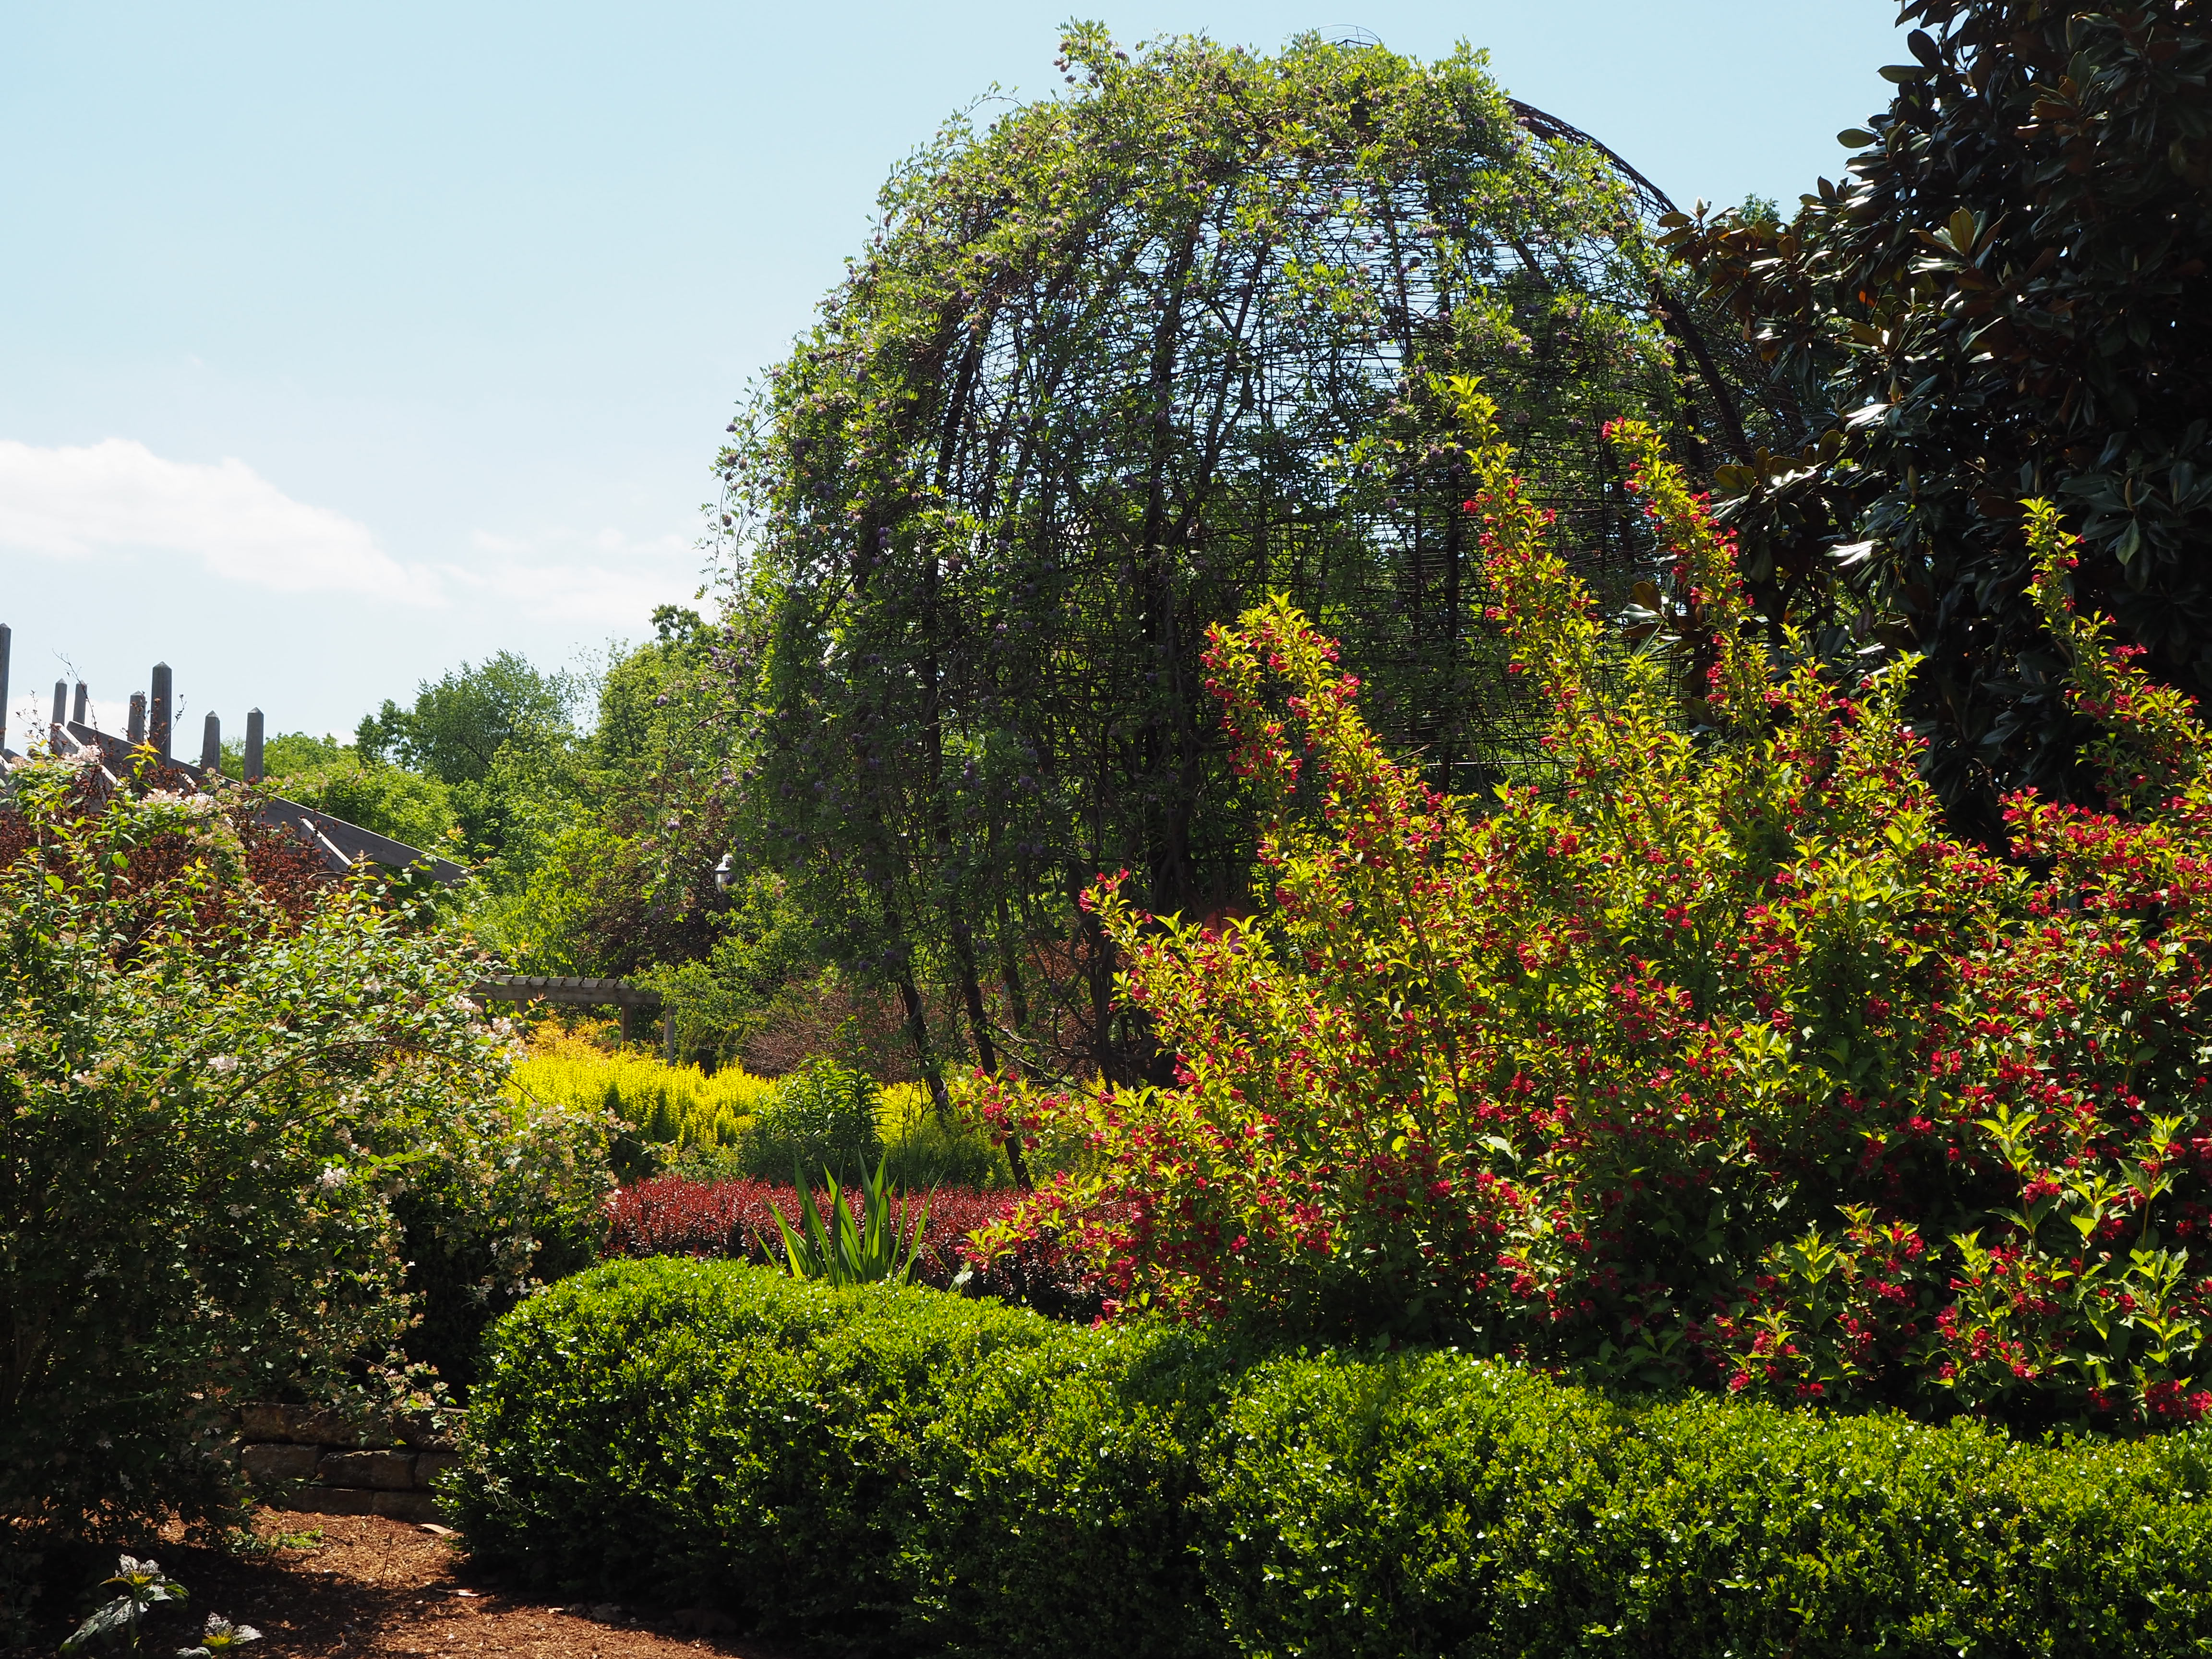 tyson tuesday garden education botanical garden of the ozarks